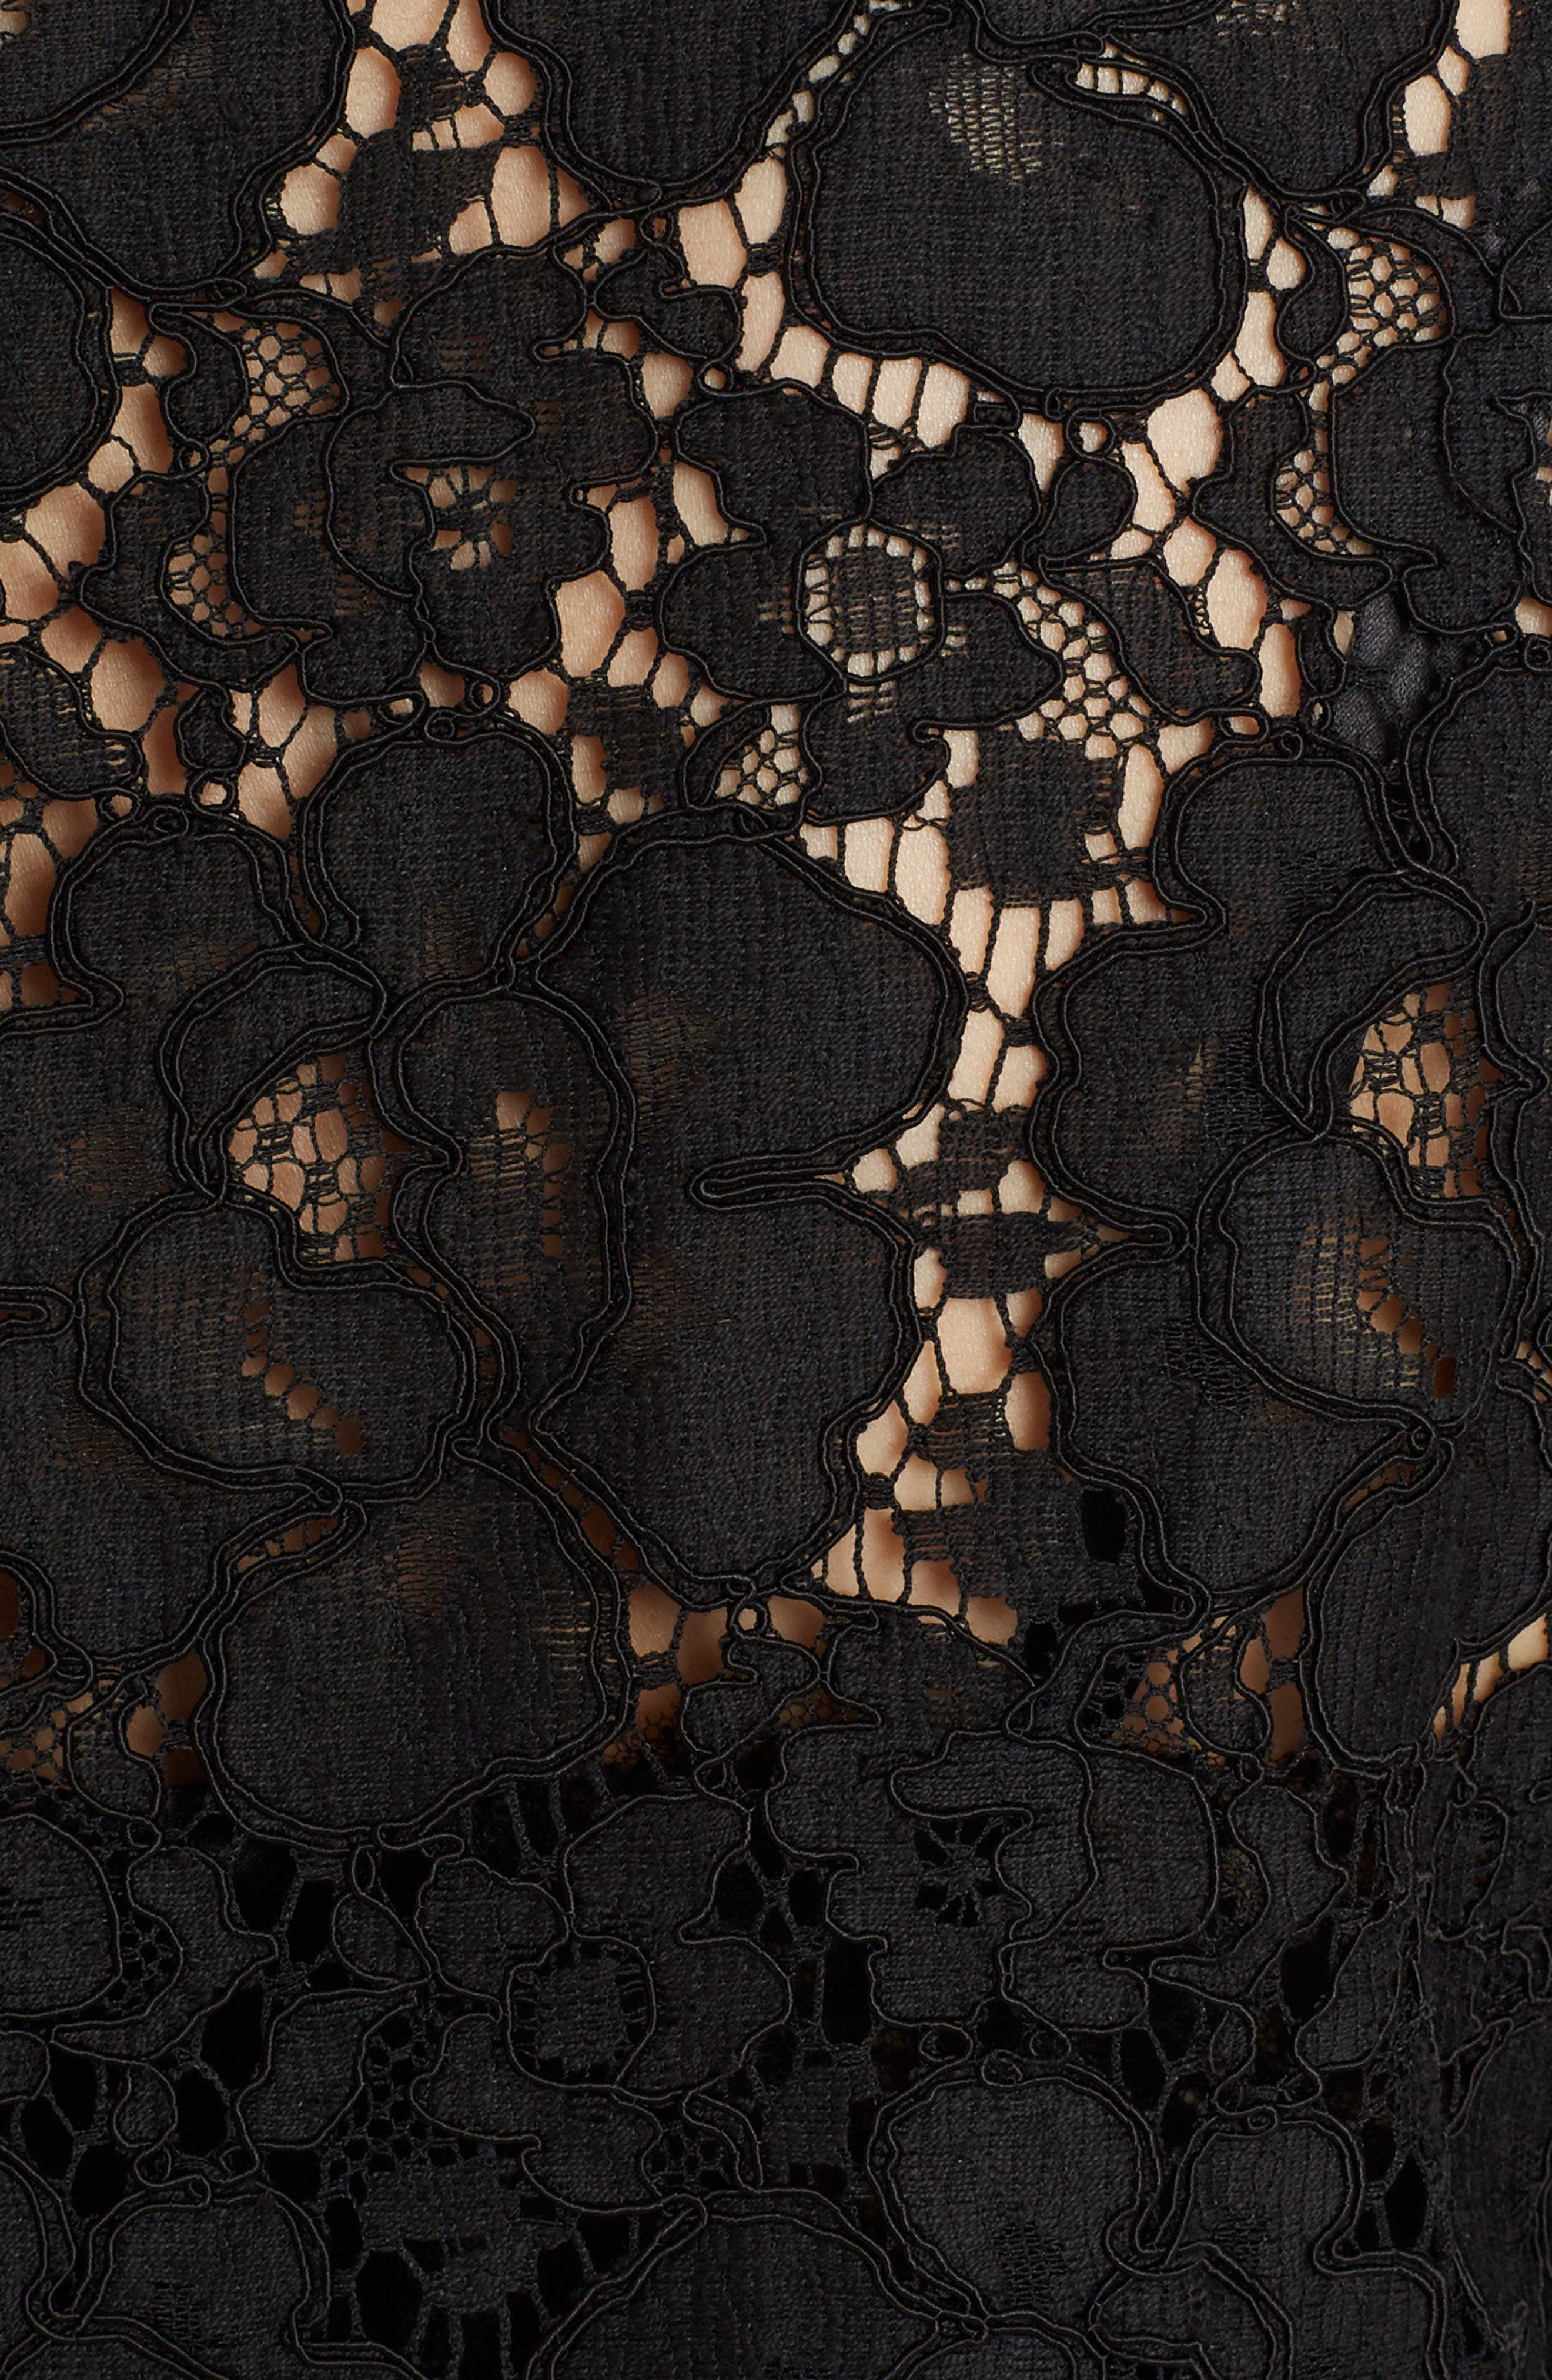 Heart Patch Lace Top,                             Alternate thumbnail 5, color,                             Black